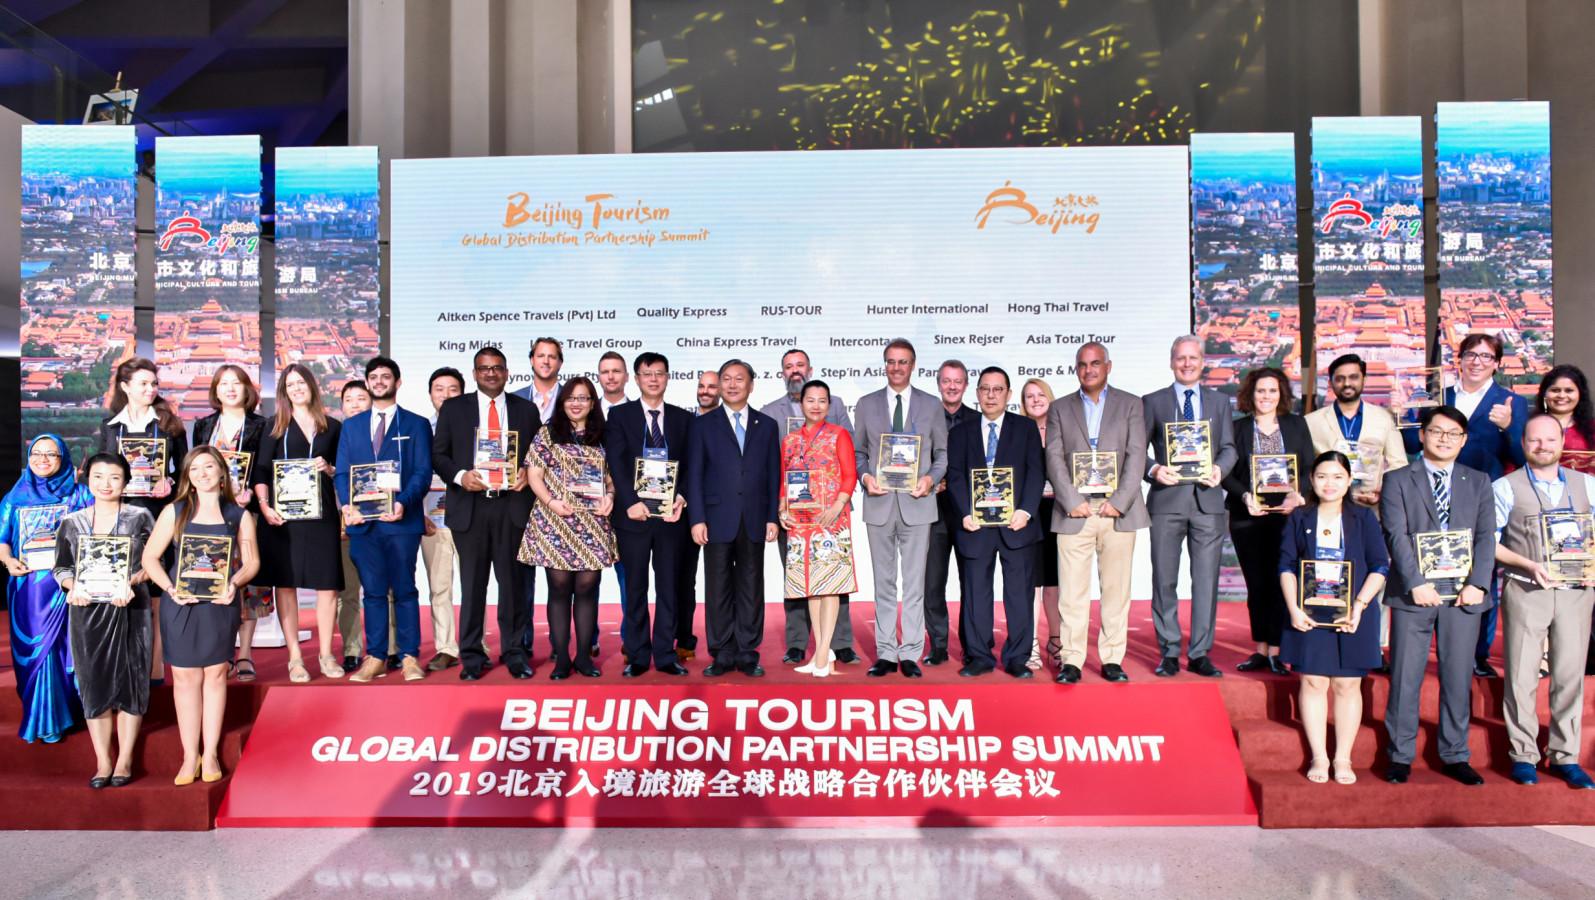 北京入境旅游全球战略合作伙伴会议在京举办